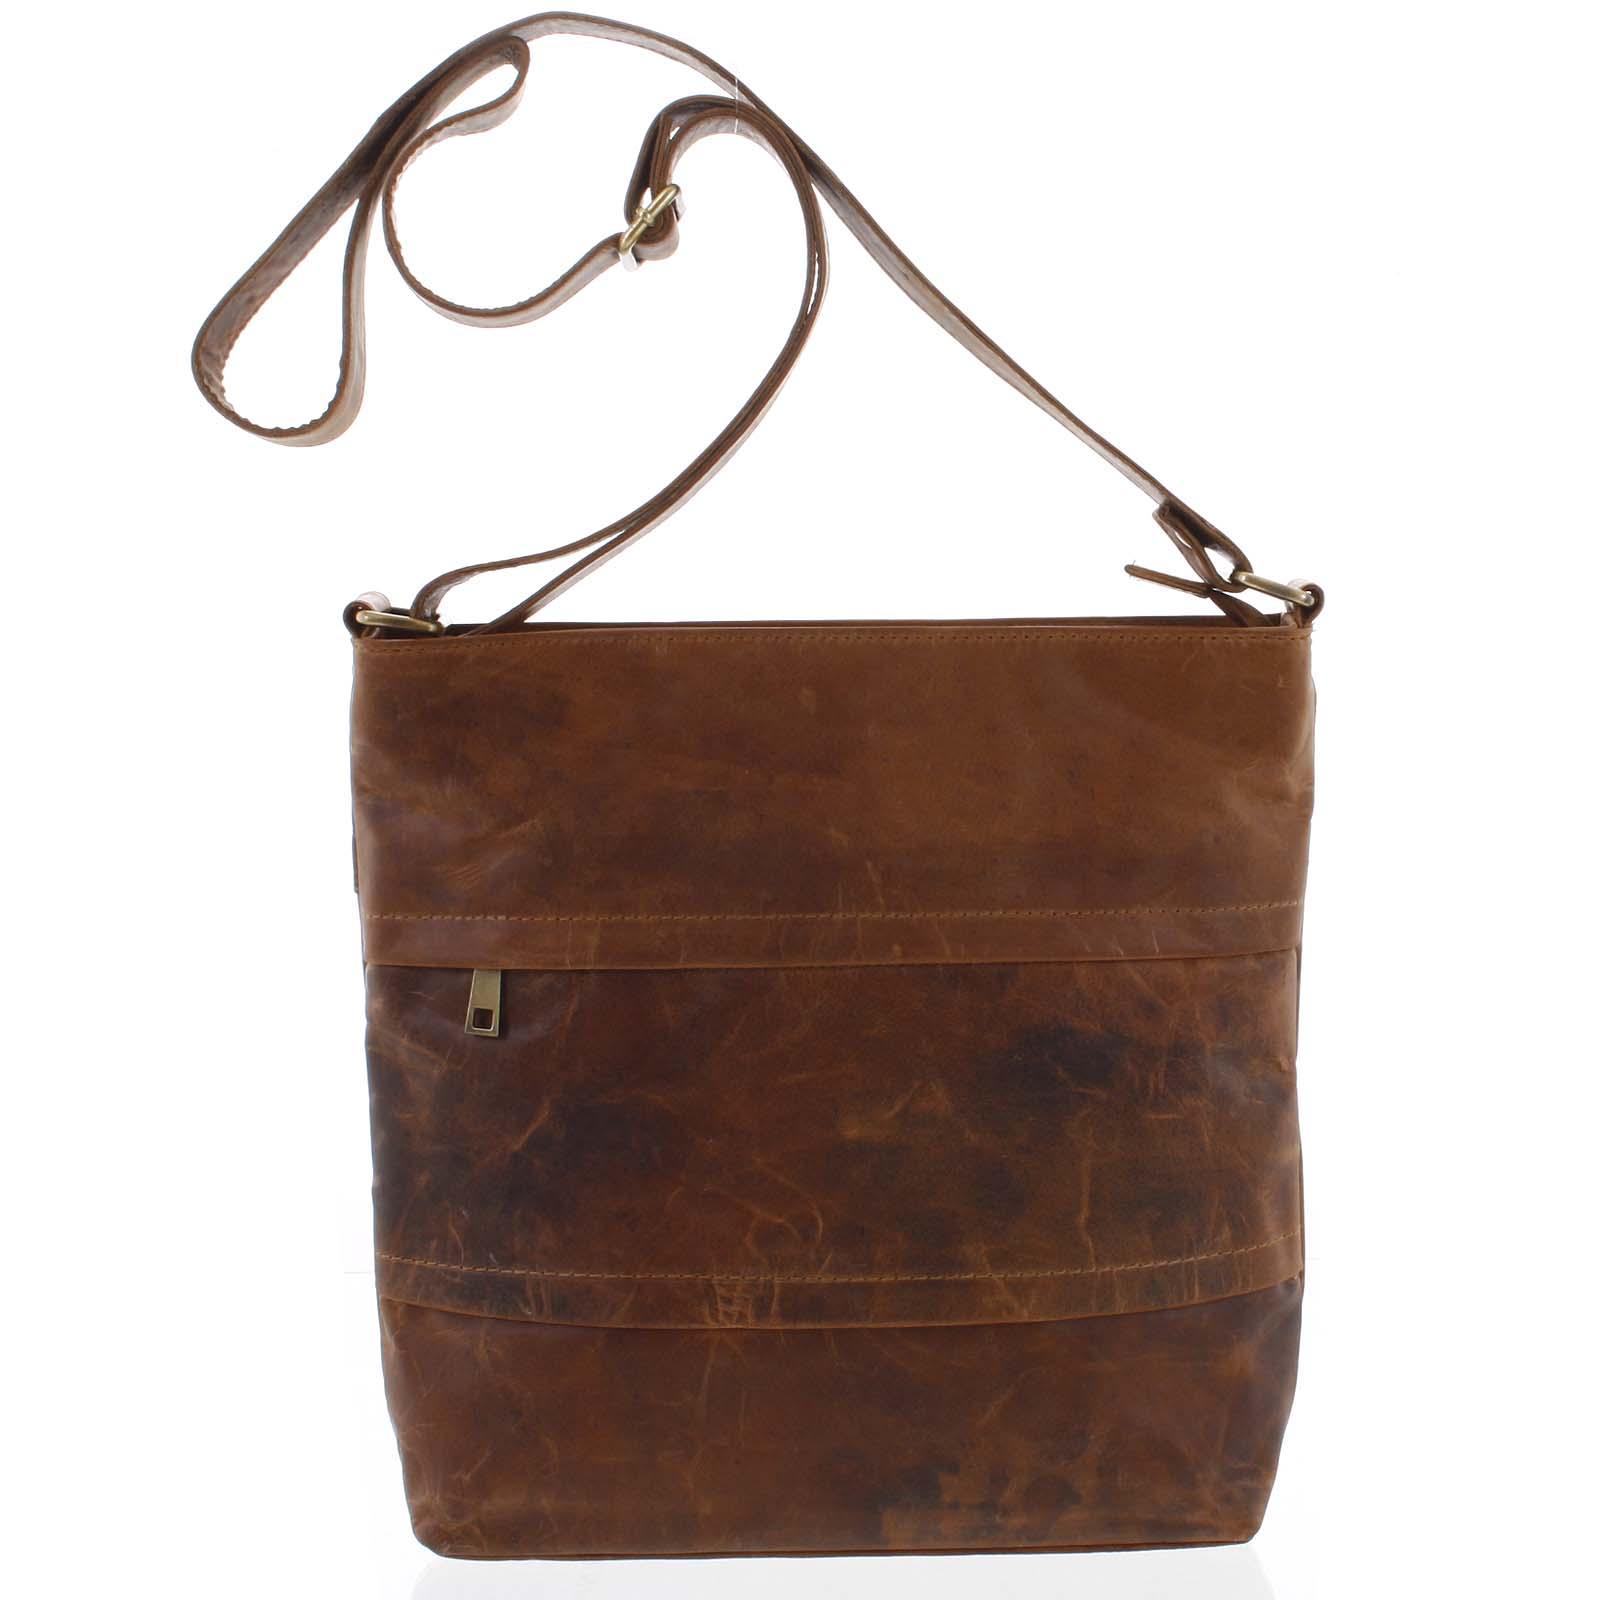 Veľká prírodná hnedá kožená crossbody taška - Tomas Maand koňak